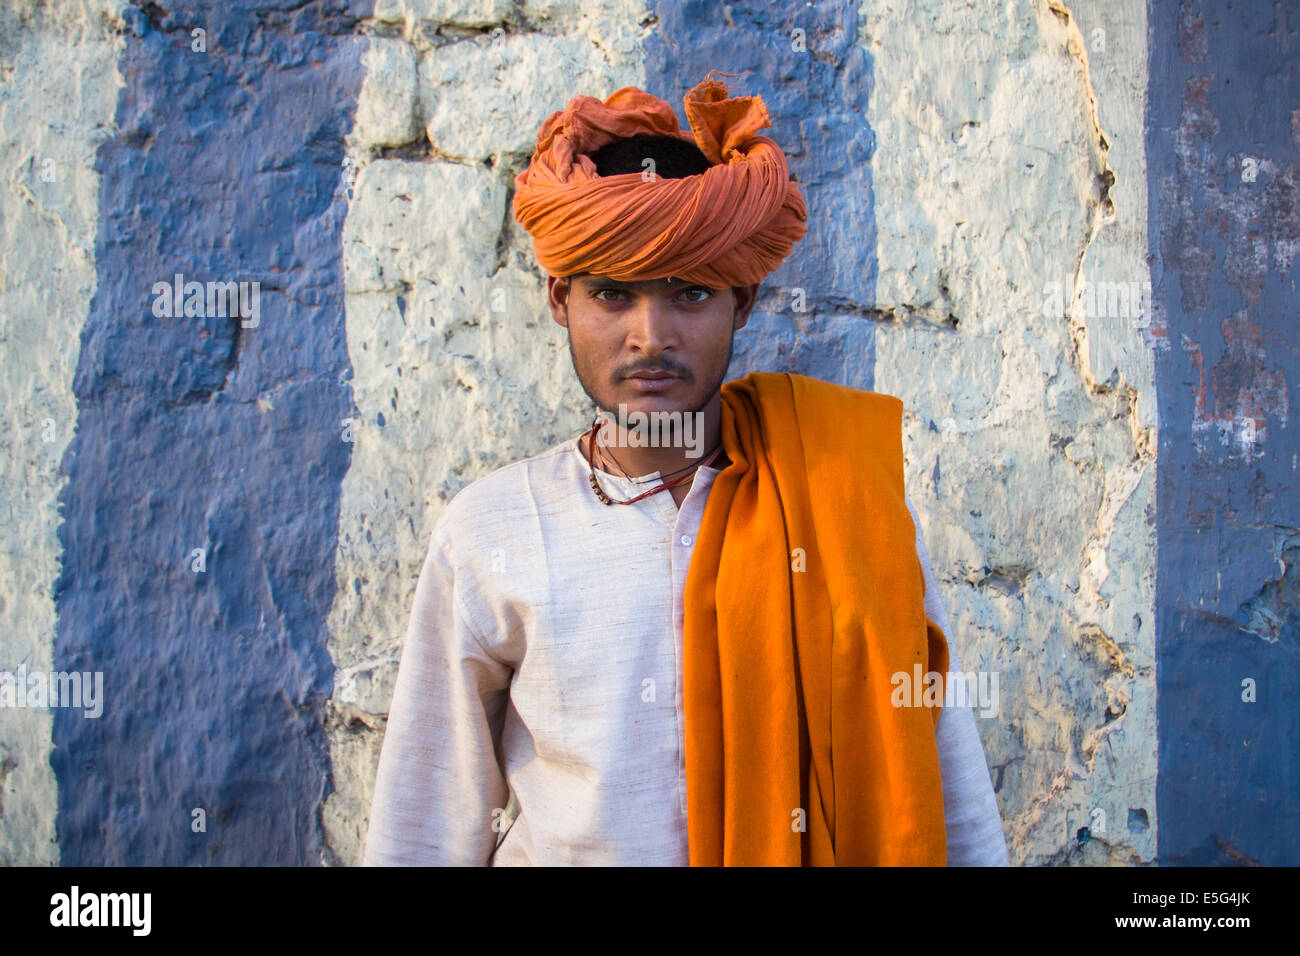 Giovani colorato uomo indù, indossando un turban arancione, posa davanti un muro a strisce nella parte vecchia Immagini Stock